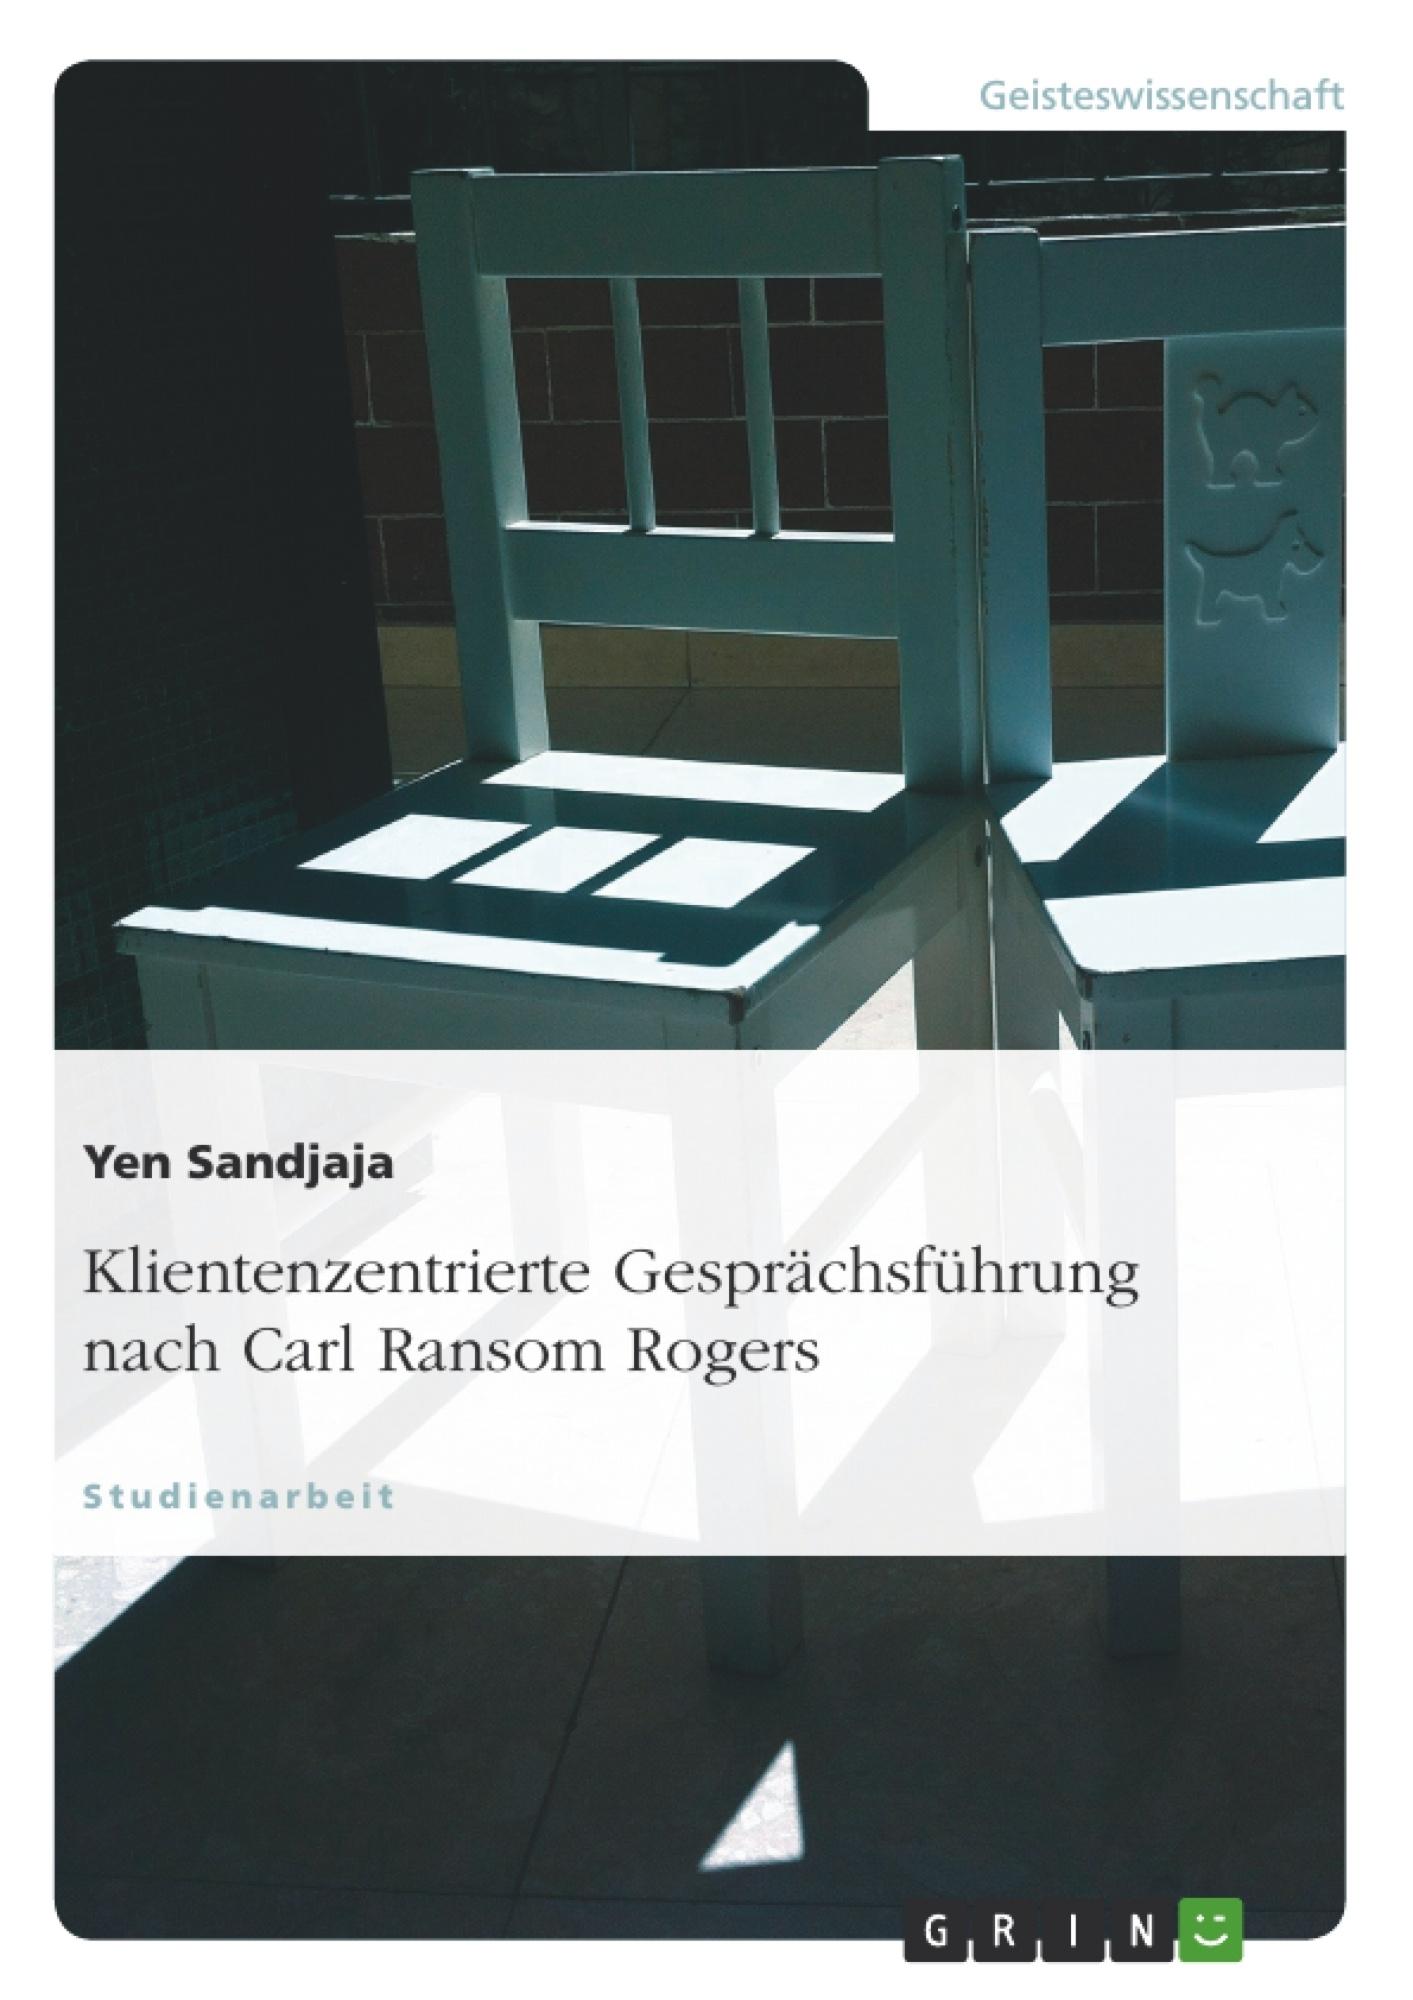 Titel: Klientenzentrierte Gesprächsführung nach Carl Ransom Rogers